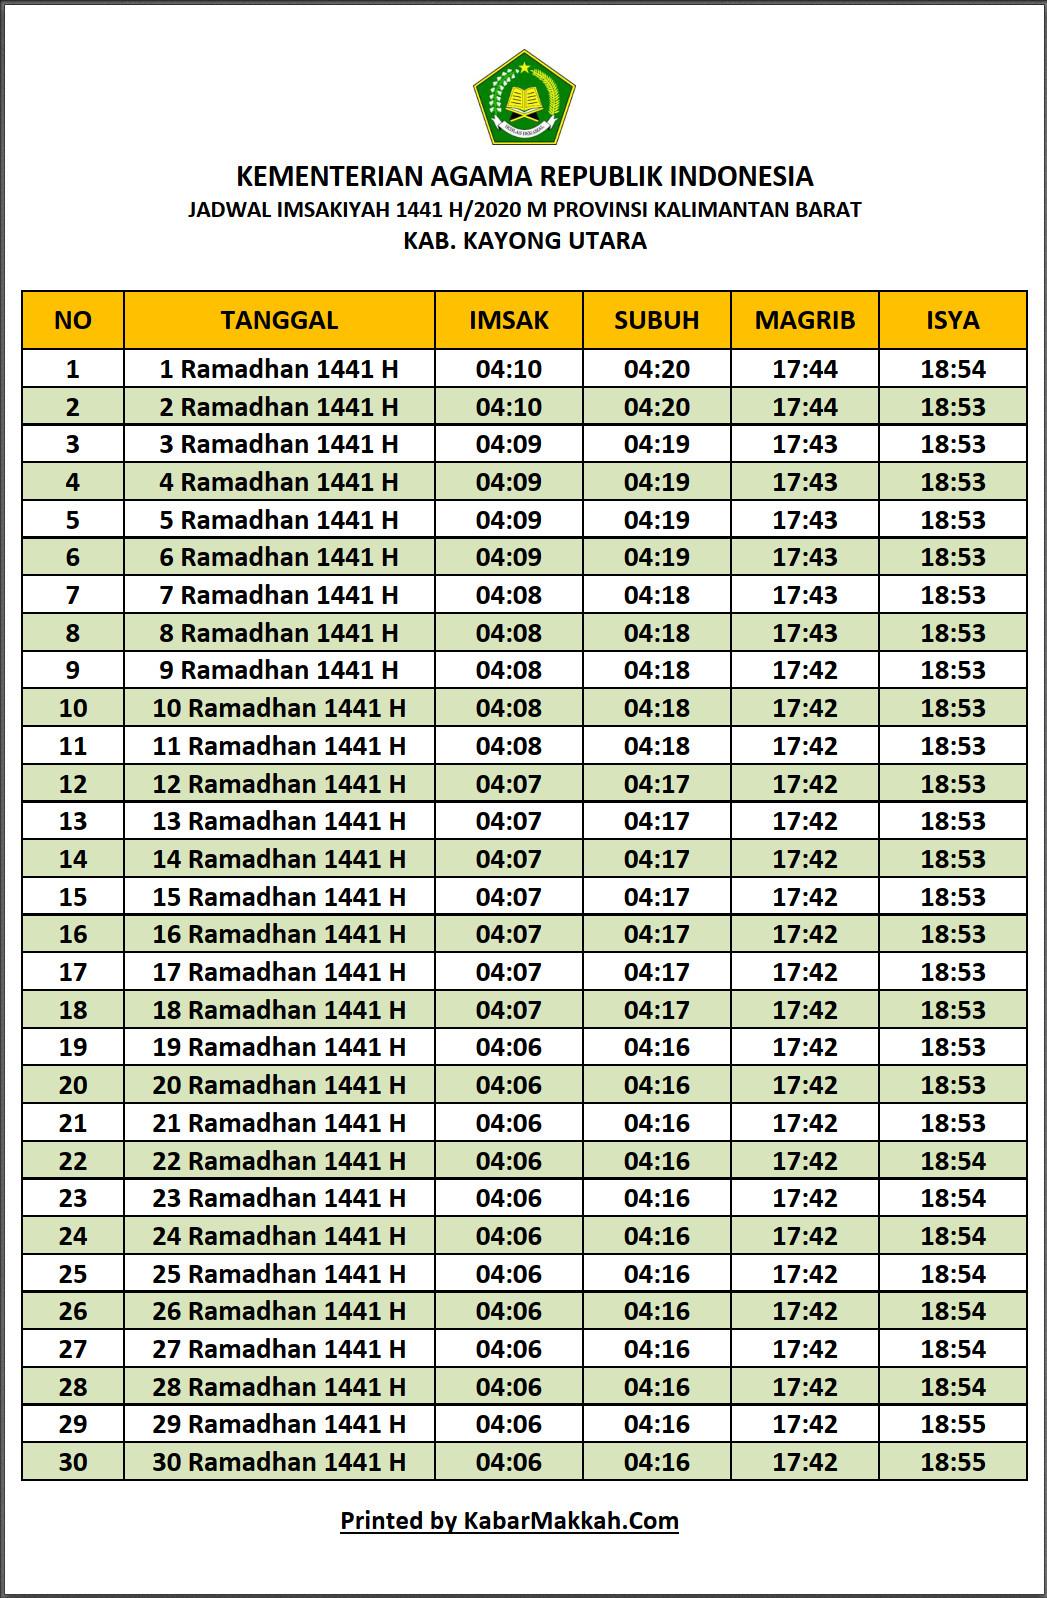 Jadwal Imsakiyah Kayong Utara 2020